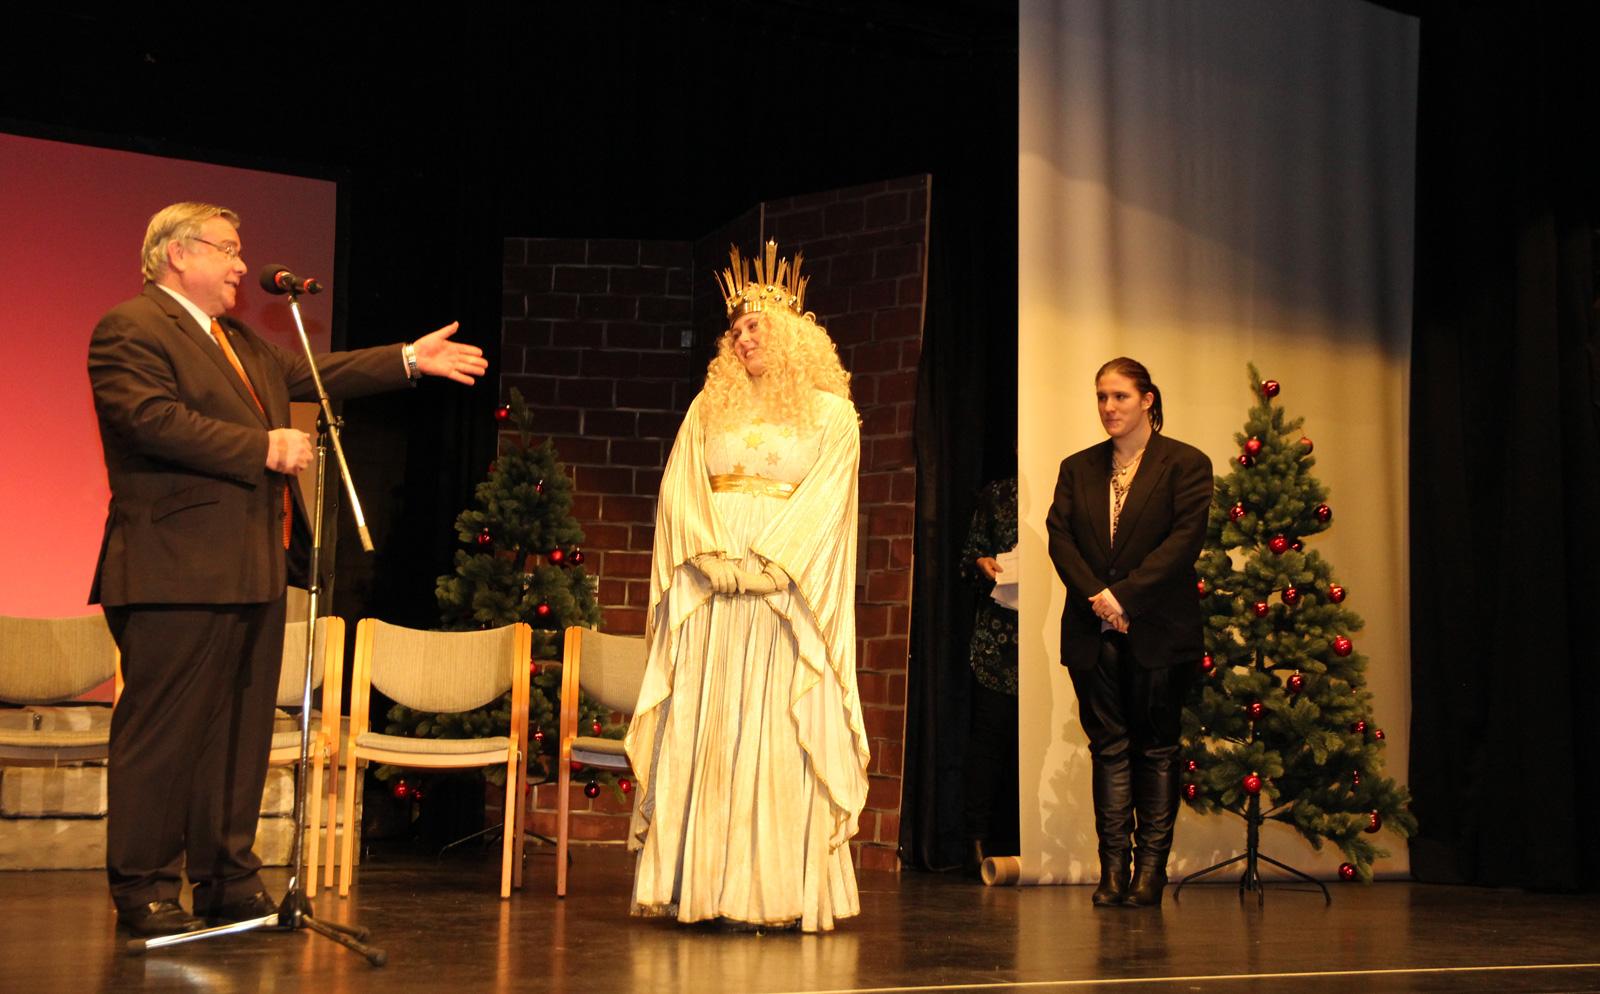 Himmlischer Besuch bringt weihnachtlichen Lichterglanz zur Weihnachtsfeier der WfbM. Mucksmäuschenstill war es, als das Röthenbacher Christkind seinen Prolog sprach.